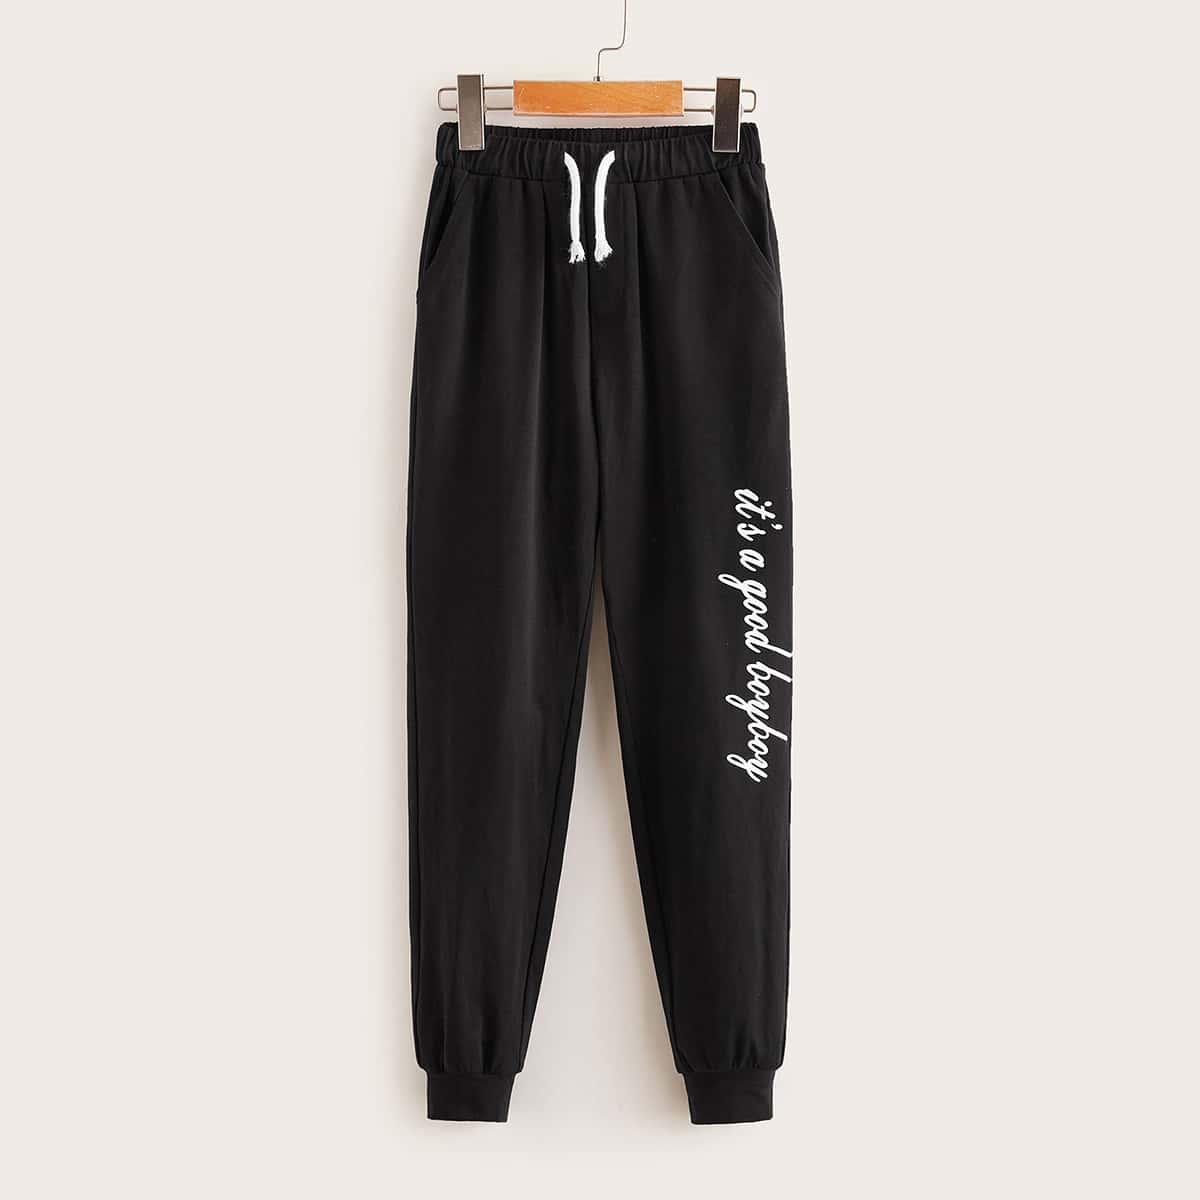 Спортивные брюки на кулиске с текстовым принтом для мальчиков от SHEIN